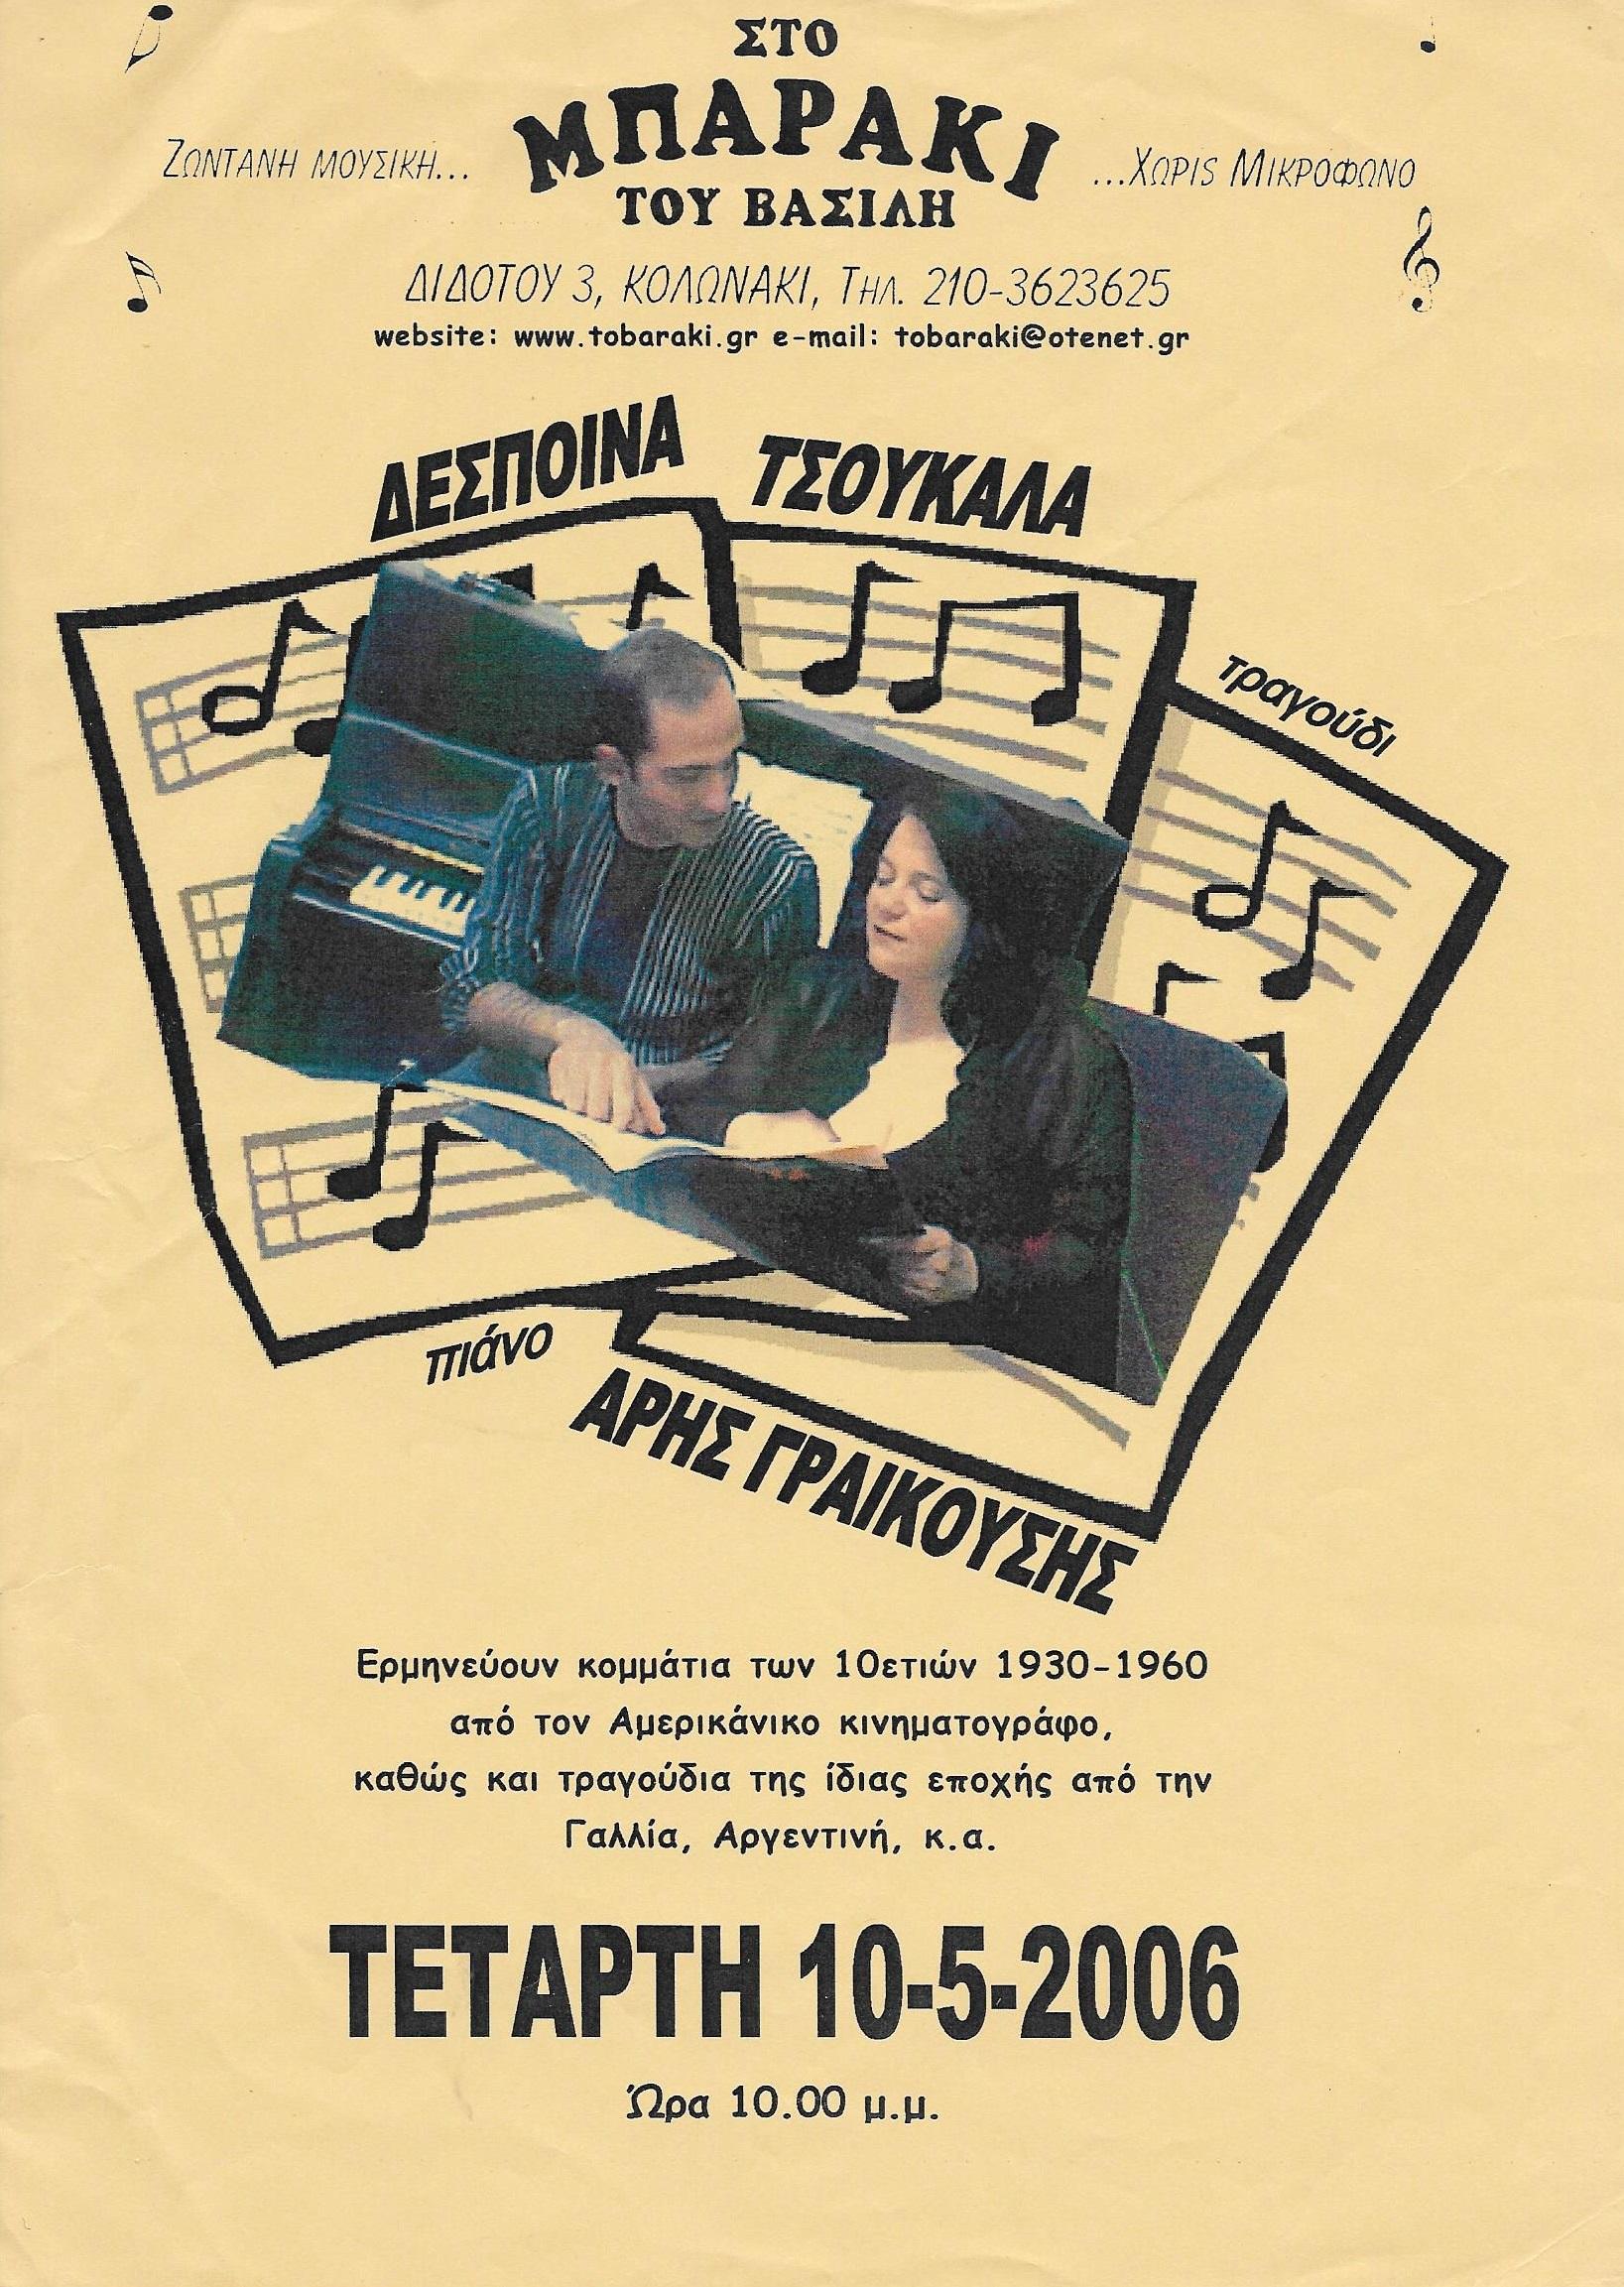 Άρης Γραικούσης (πιάνο) και Δέσποινα Τσουκαλά (τραγούδι) σε κομμάτια 1930-1960